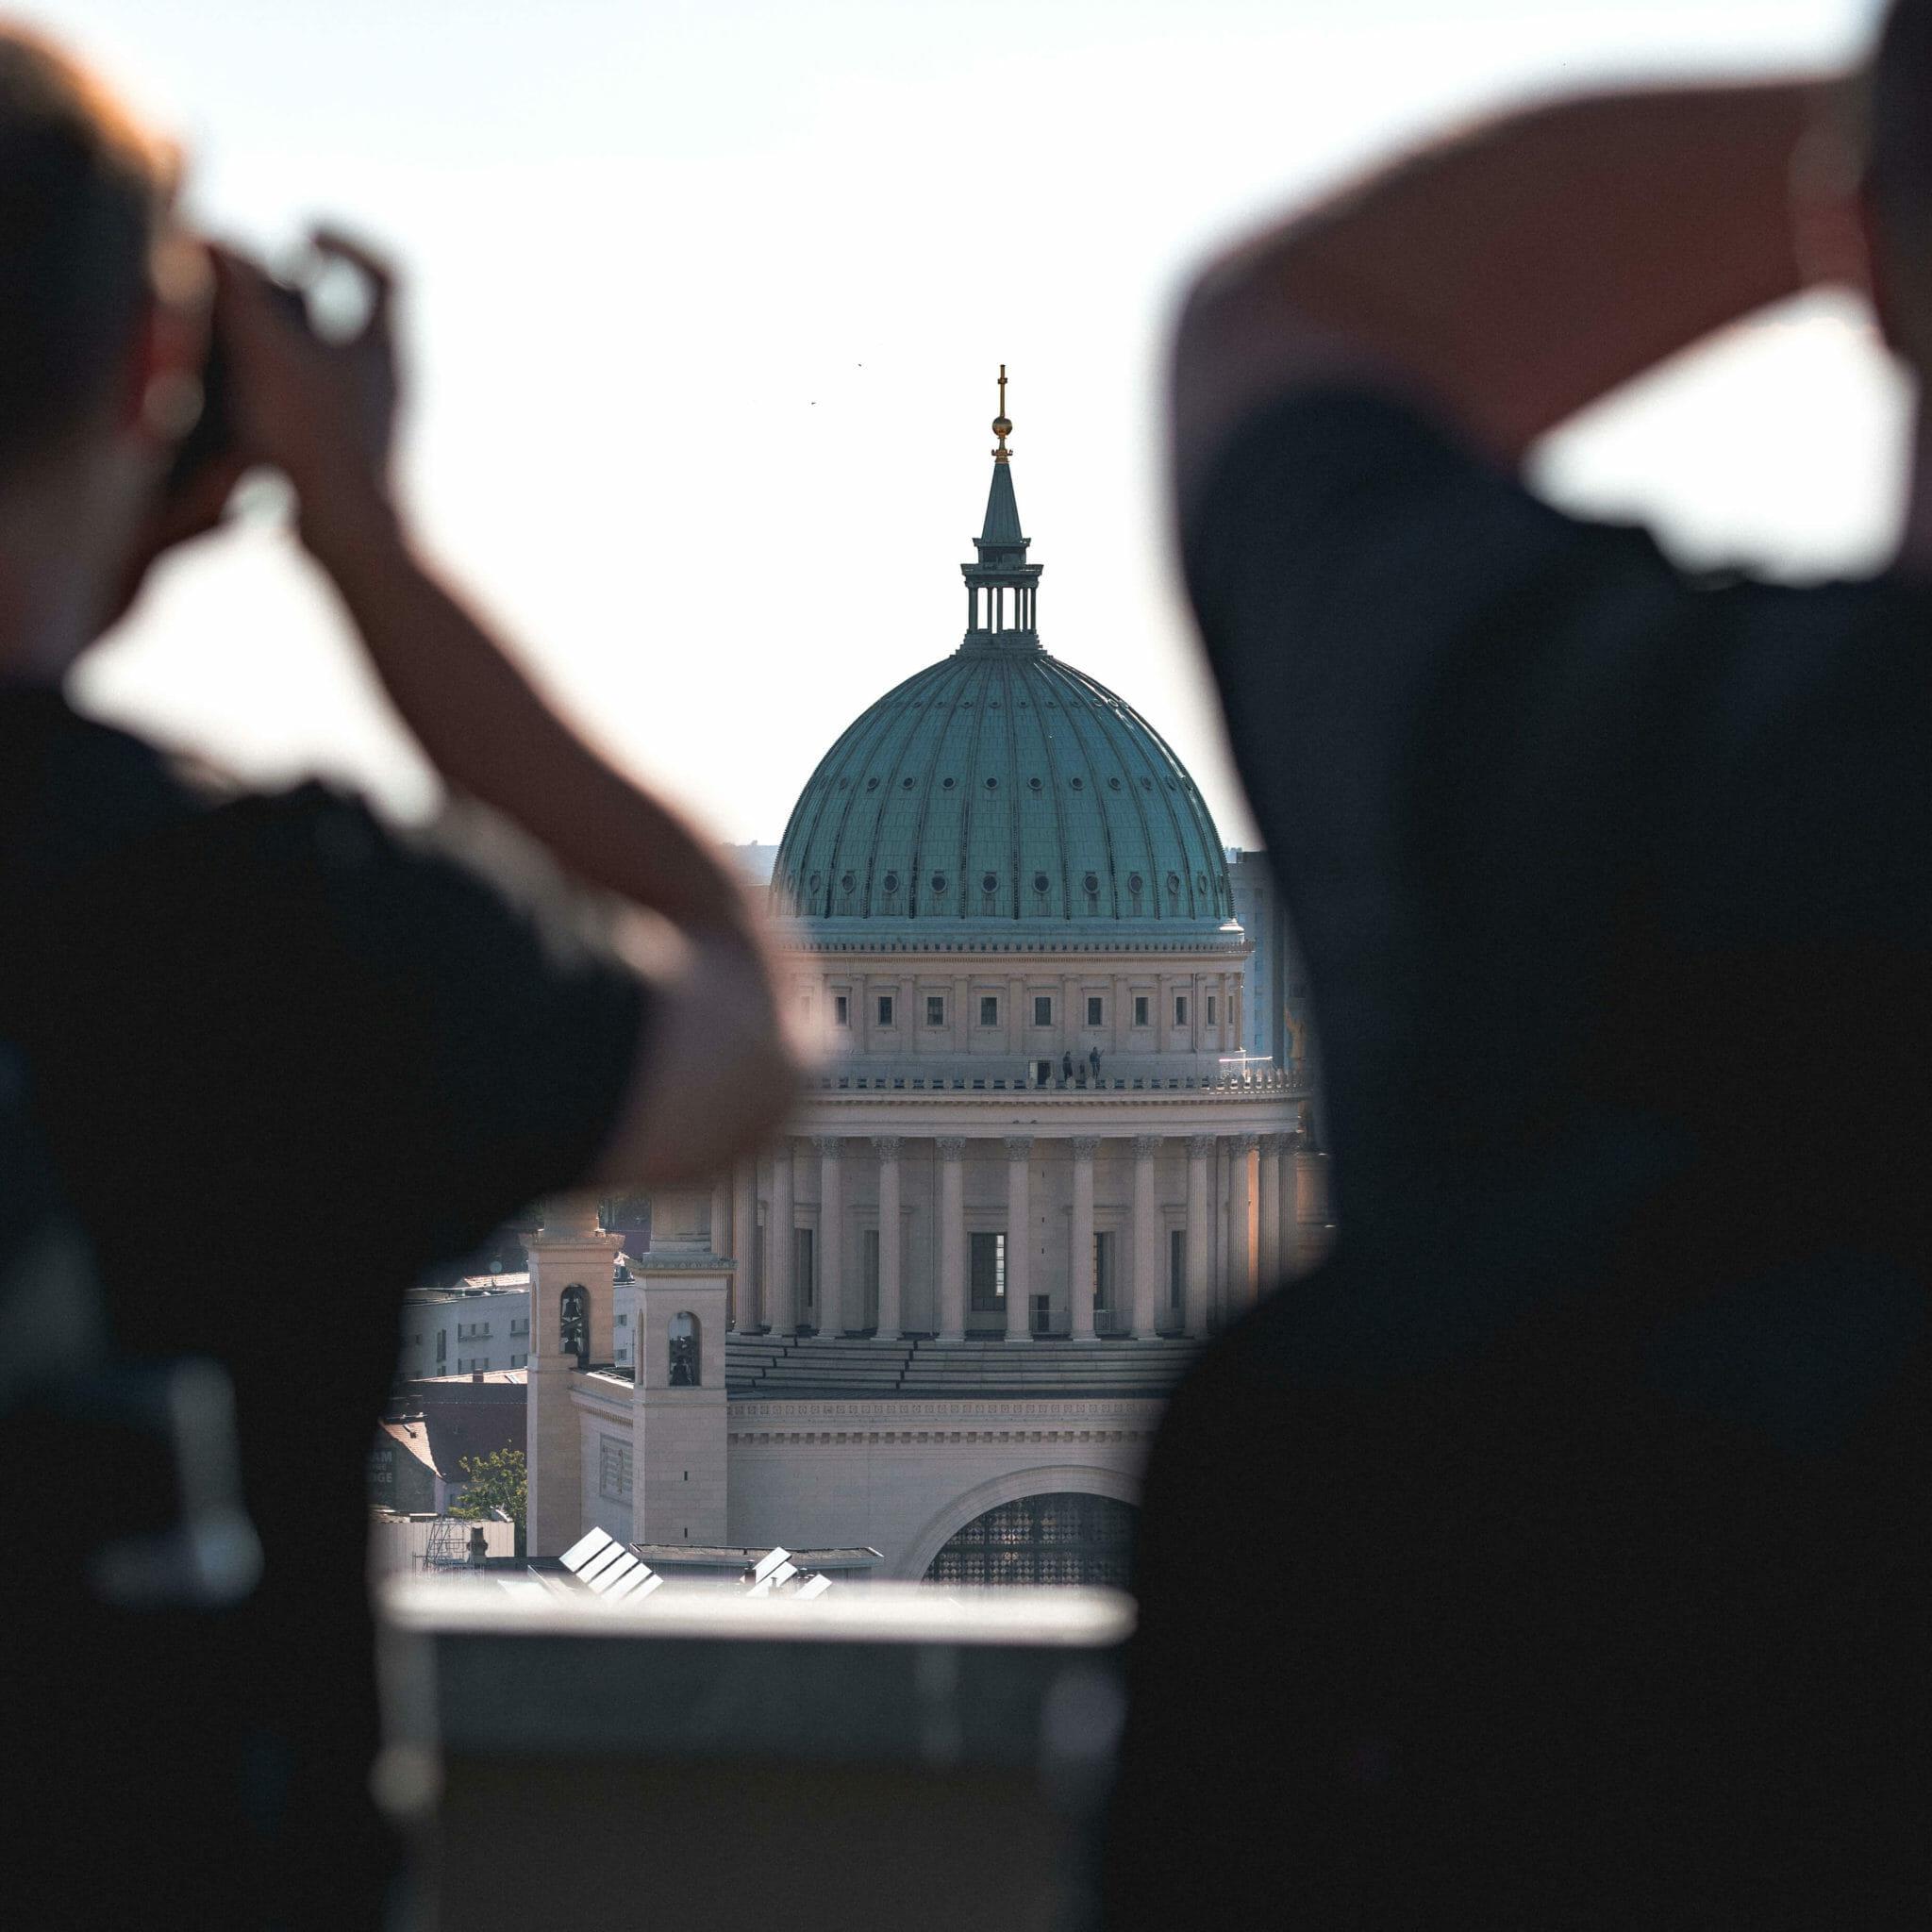 Die Nikolaikirche zieht den Blick auf sich